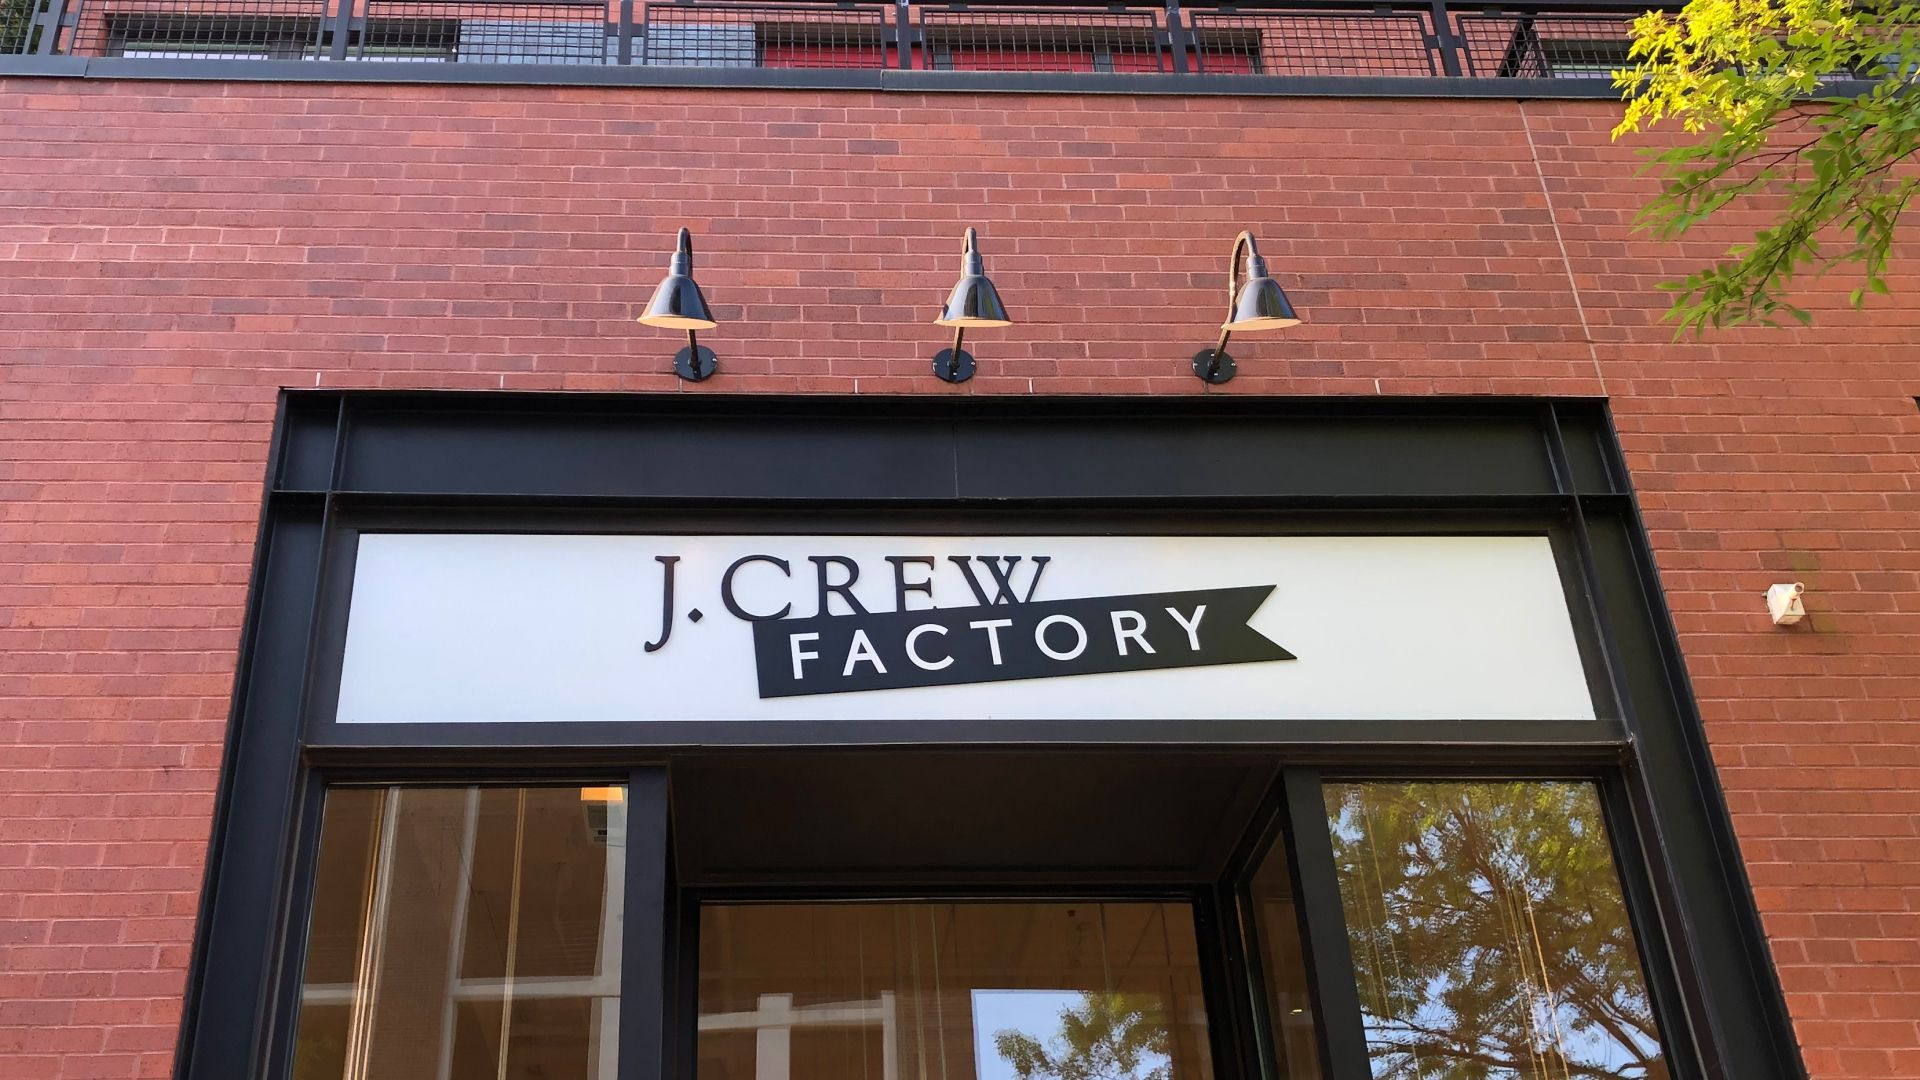 Image of J. Crew